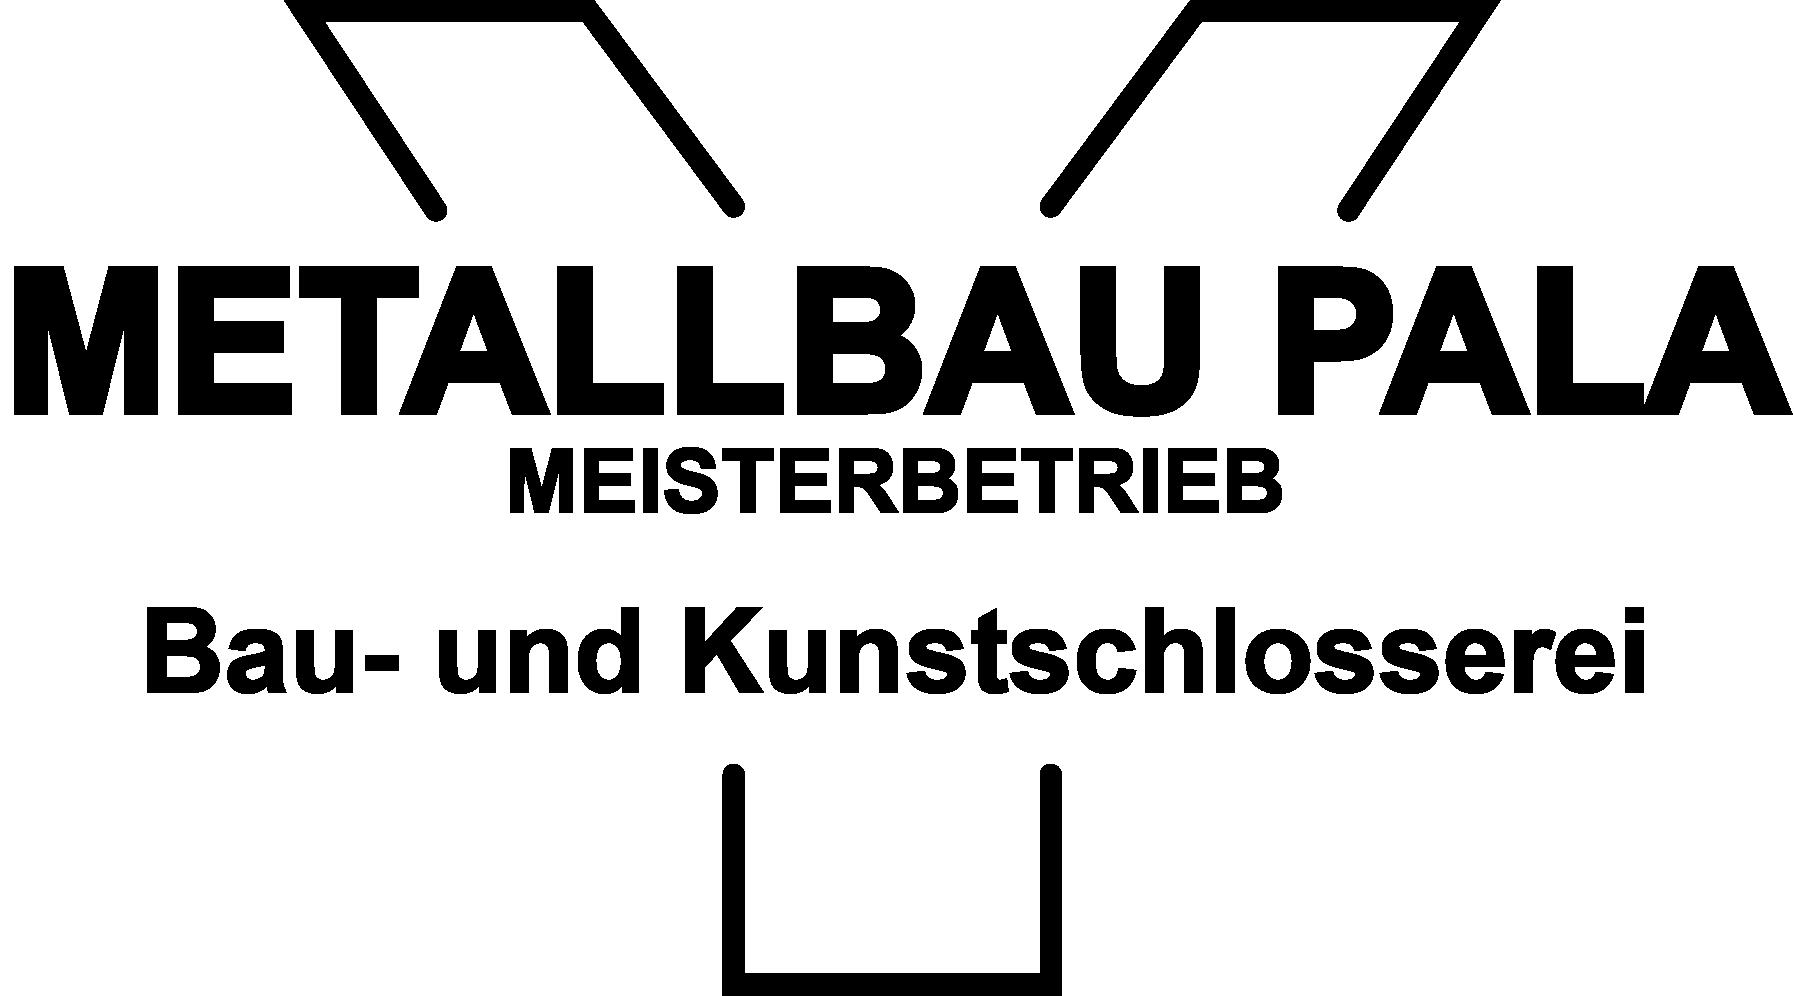 Metallbau Pala